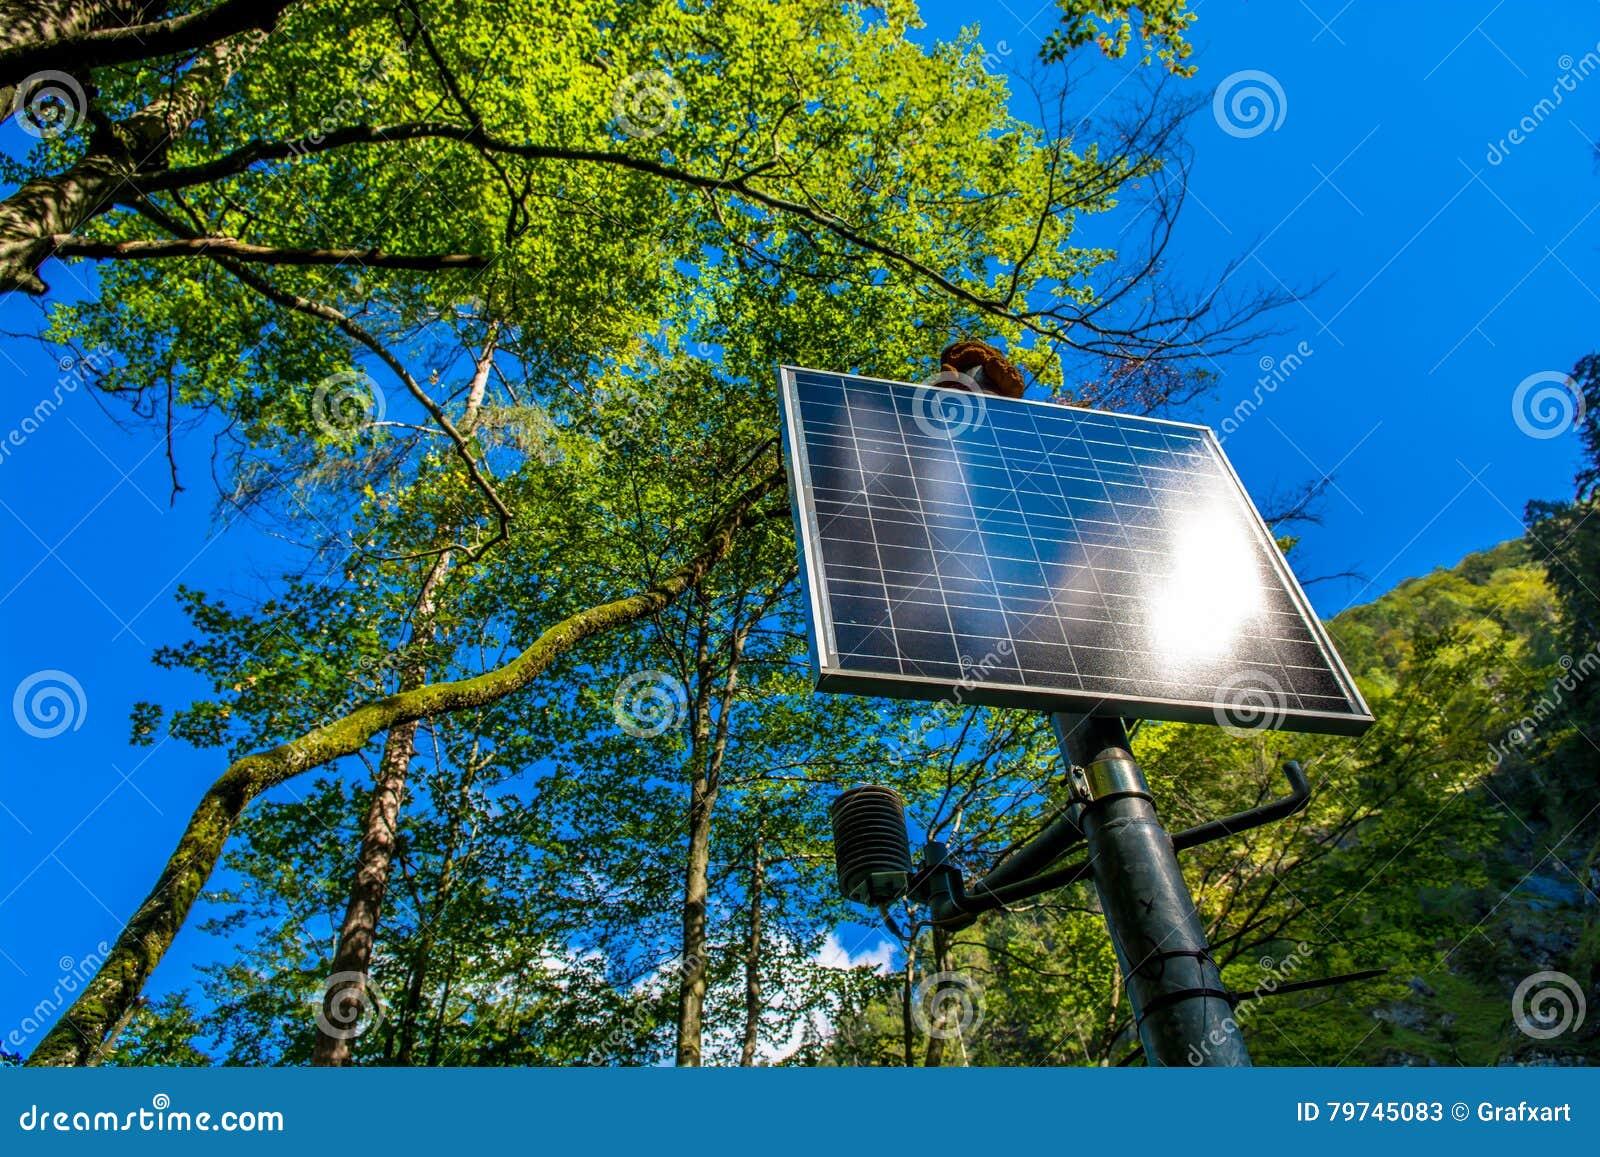 El panel solar iluminado por el sol en el bosque